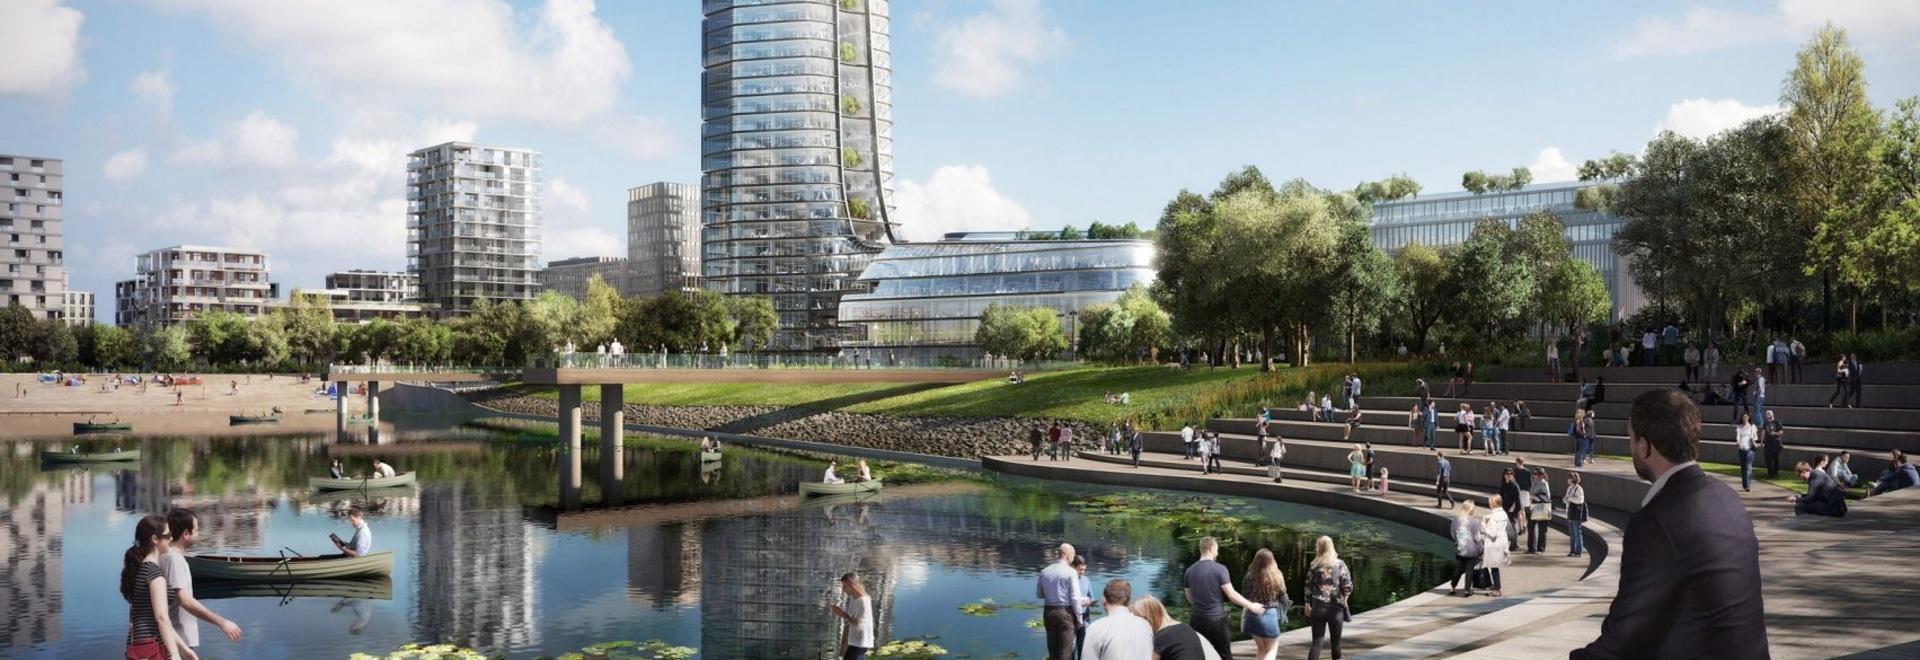 Fomente + la torre de Budapest de los socios será construido a pesar de la nueva prohibición del rascacielos de la ciudad